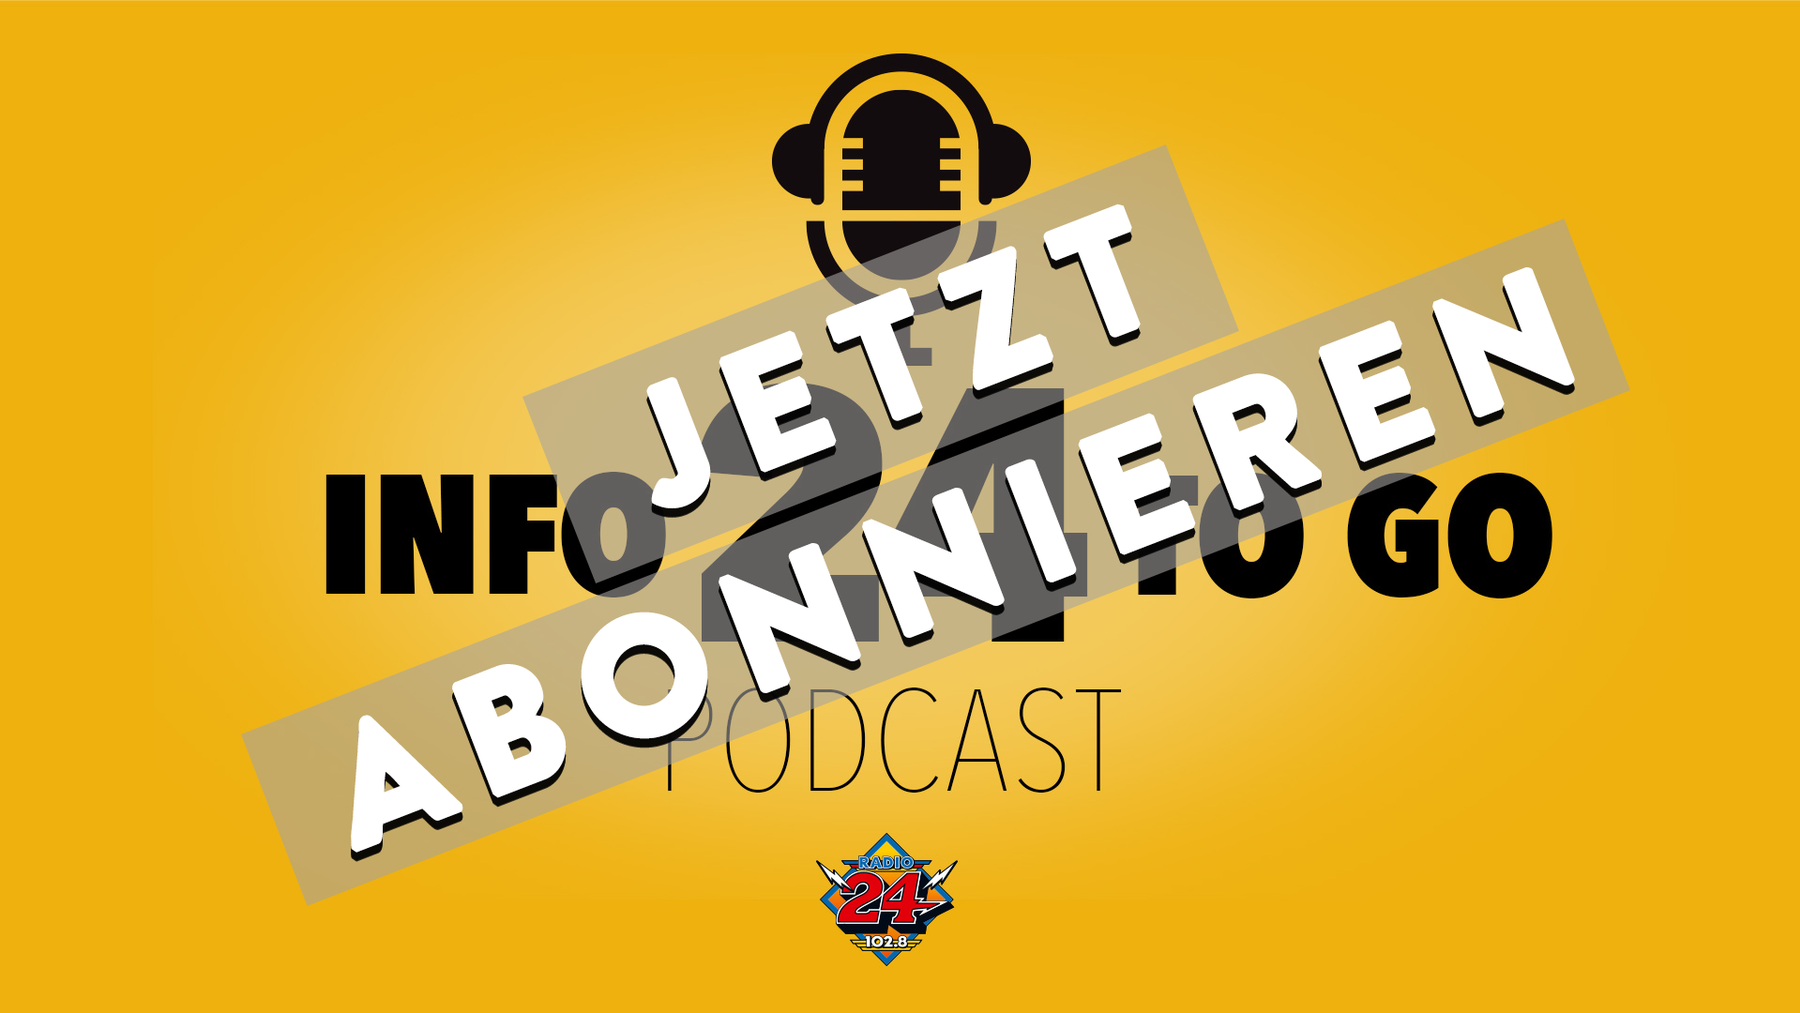 Abonnieren_Podcast